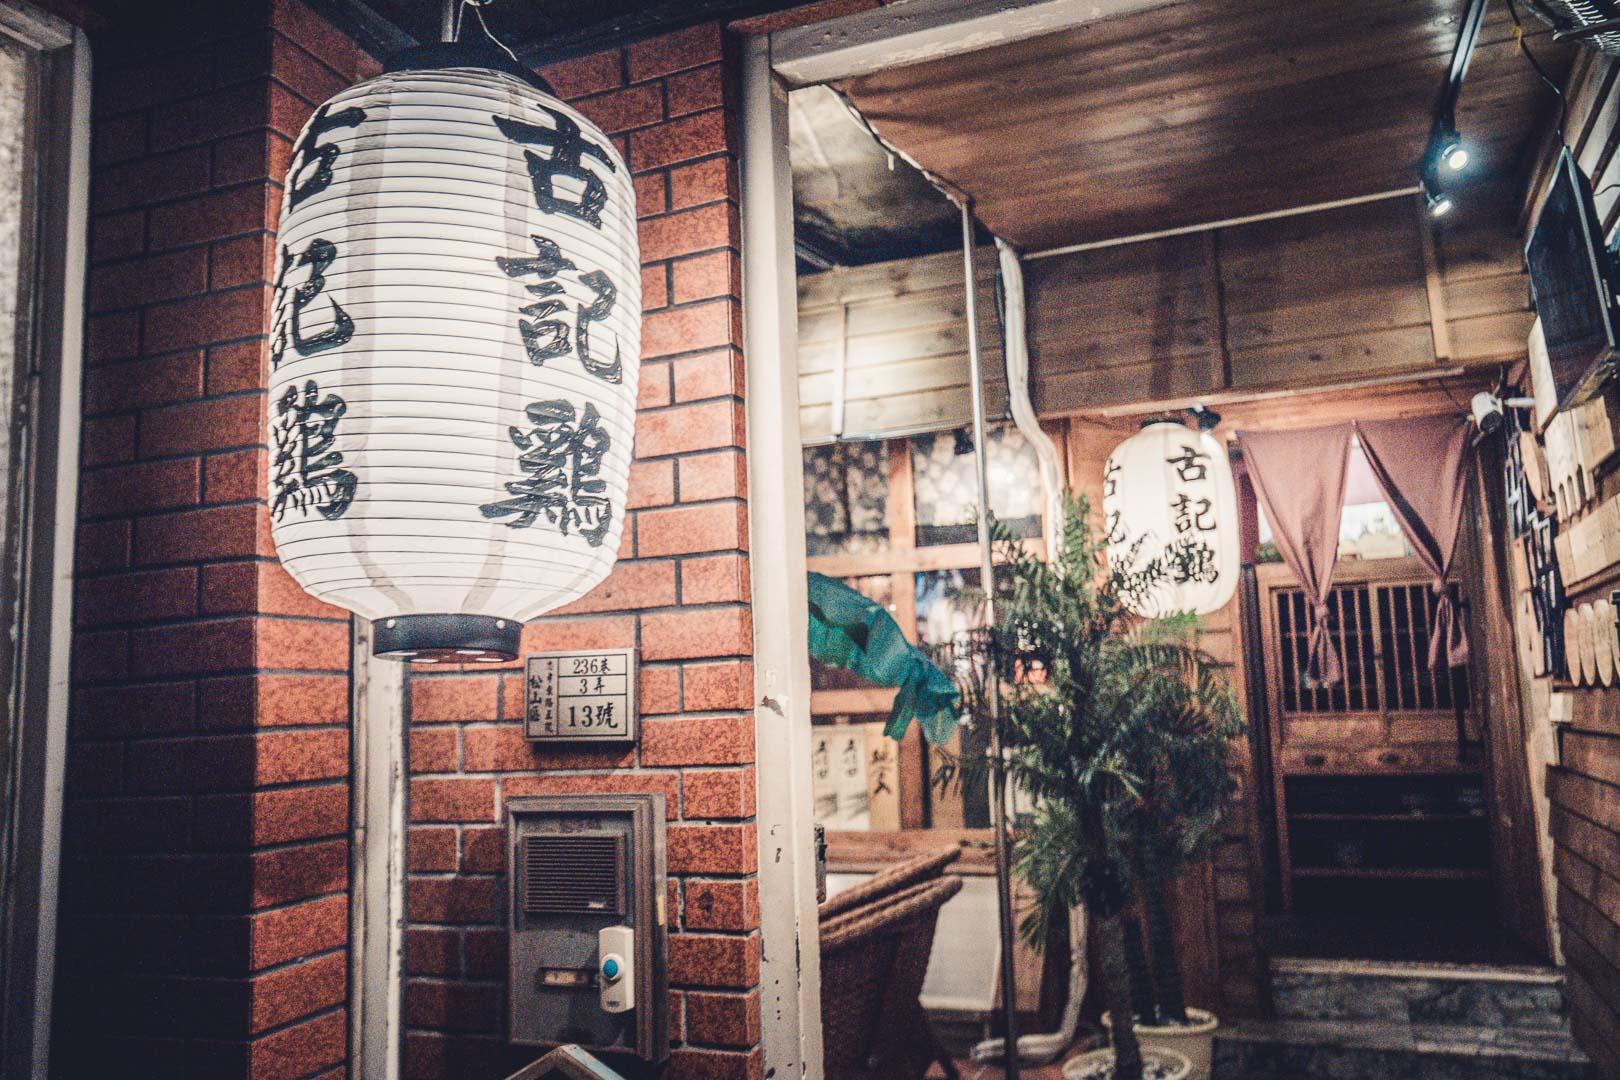 [台北美食]古記雞.私房菜.居酒屋/彷彿置身日本,料亭等級居酒屋,餐酒皆是無懈可擊!